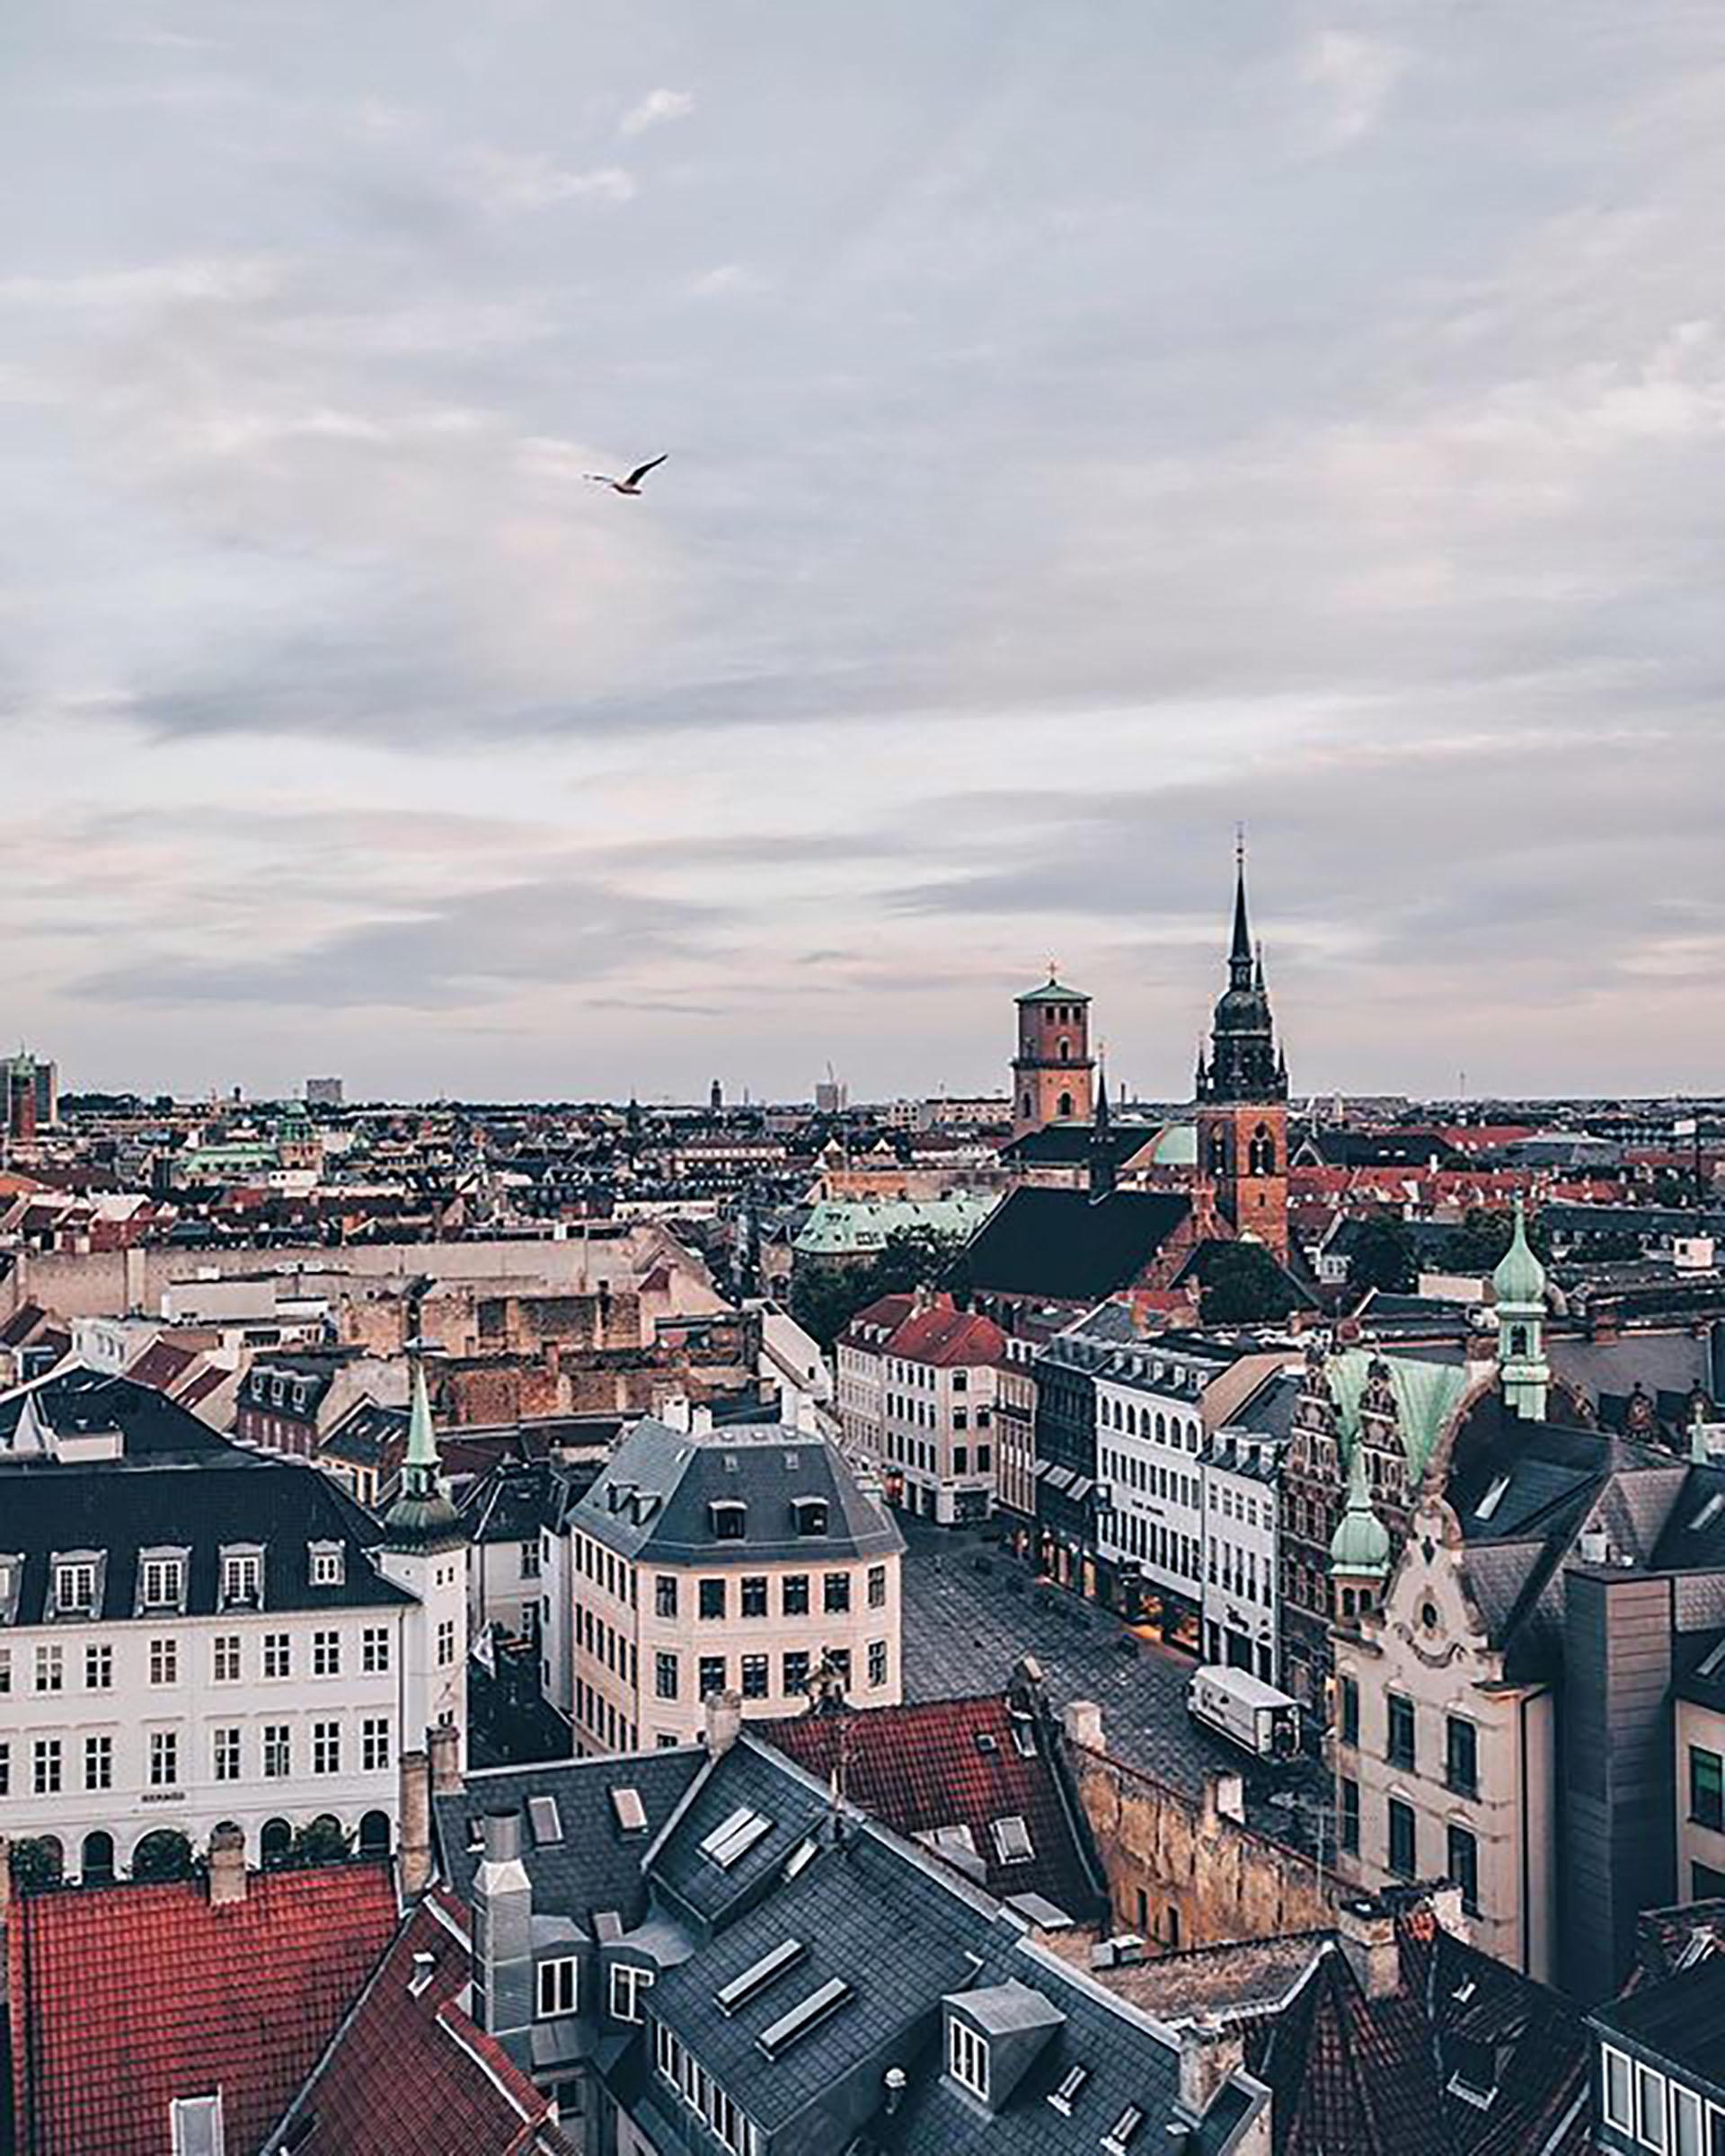 Copenhague, una ciudad dinámica, vanguardista y bike friendly (Instagram: @astridkbh)